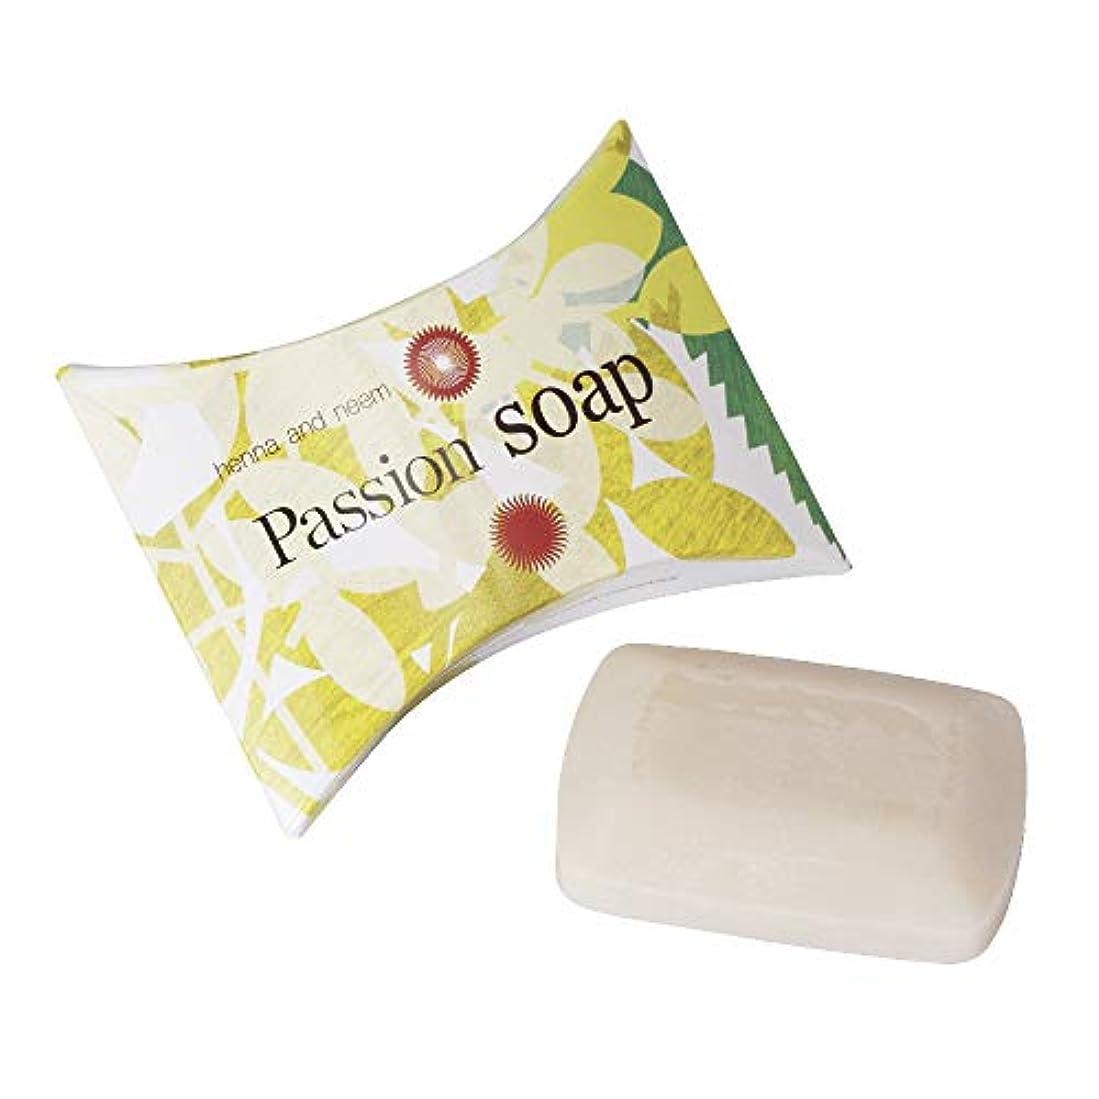 医学愛情深いタイマーヘナソープ PASSION SOAP 天然サポニンで洗う優しいハーブ石鹸